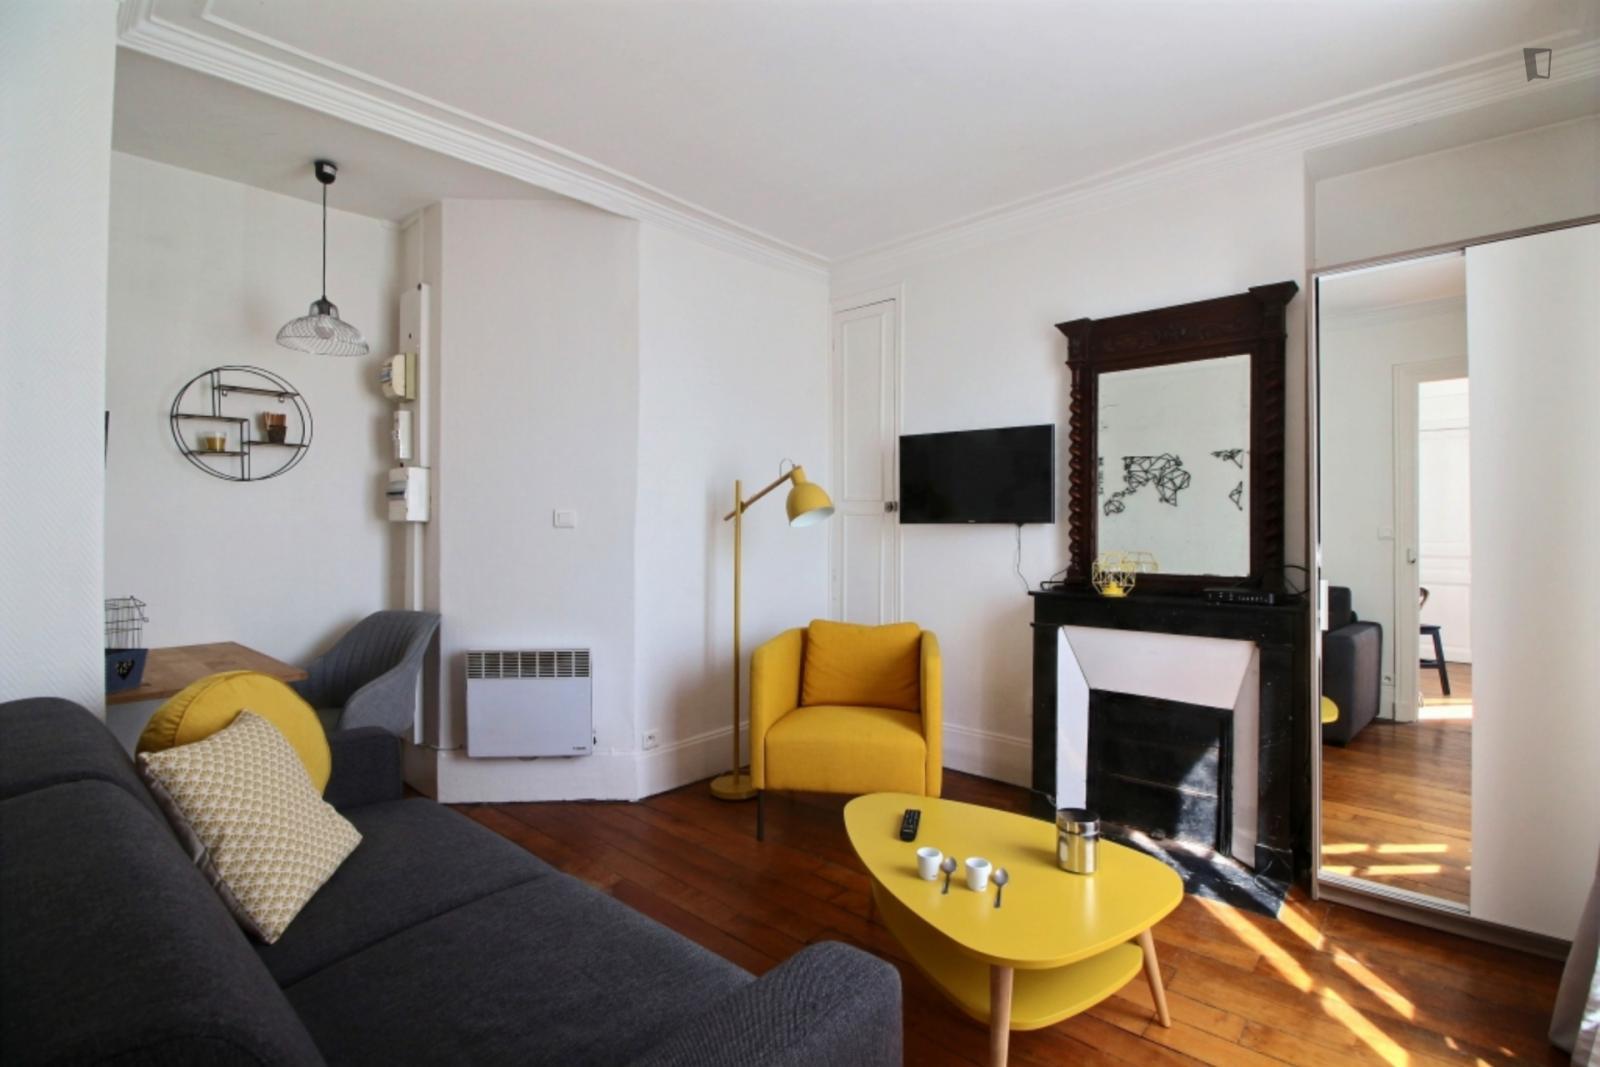 Rue Henner - 1289EUR / month